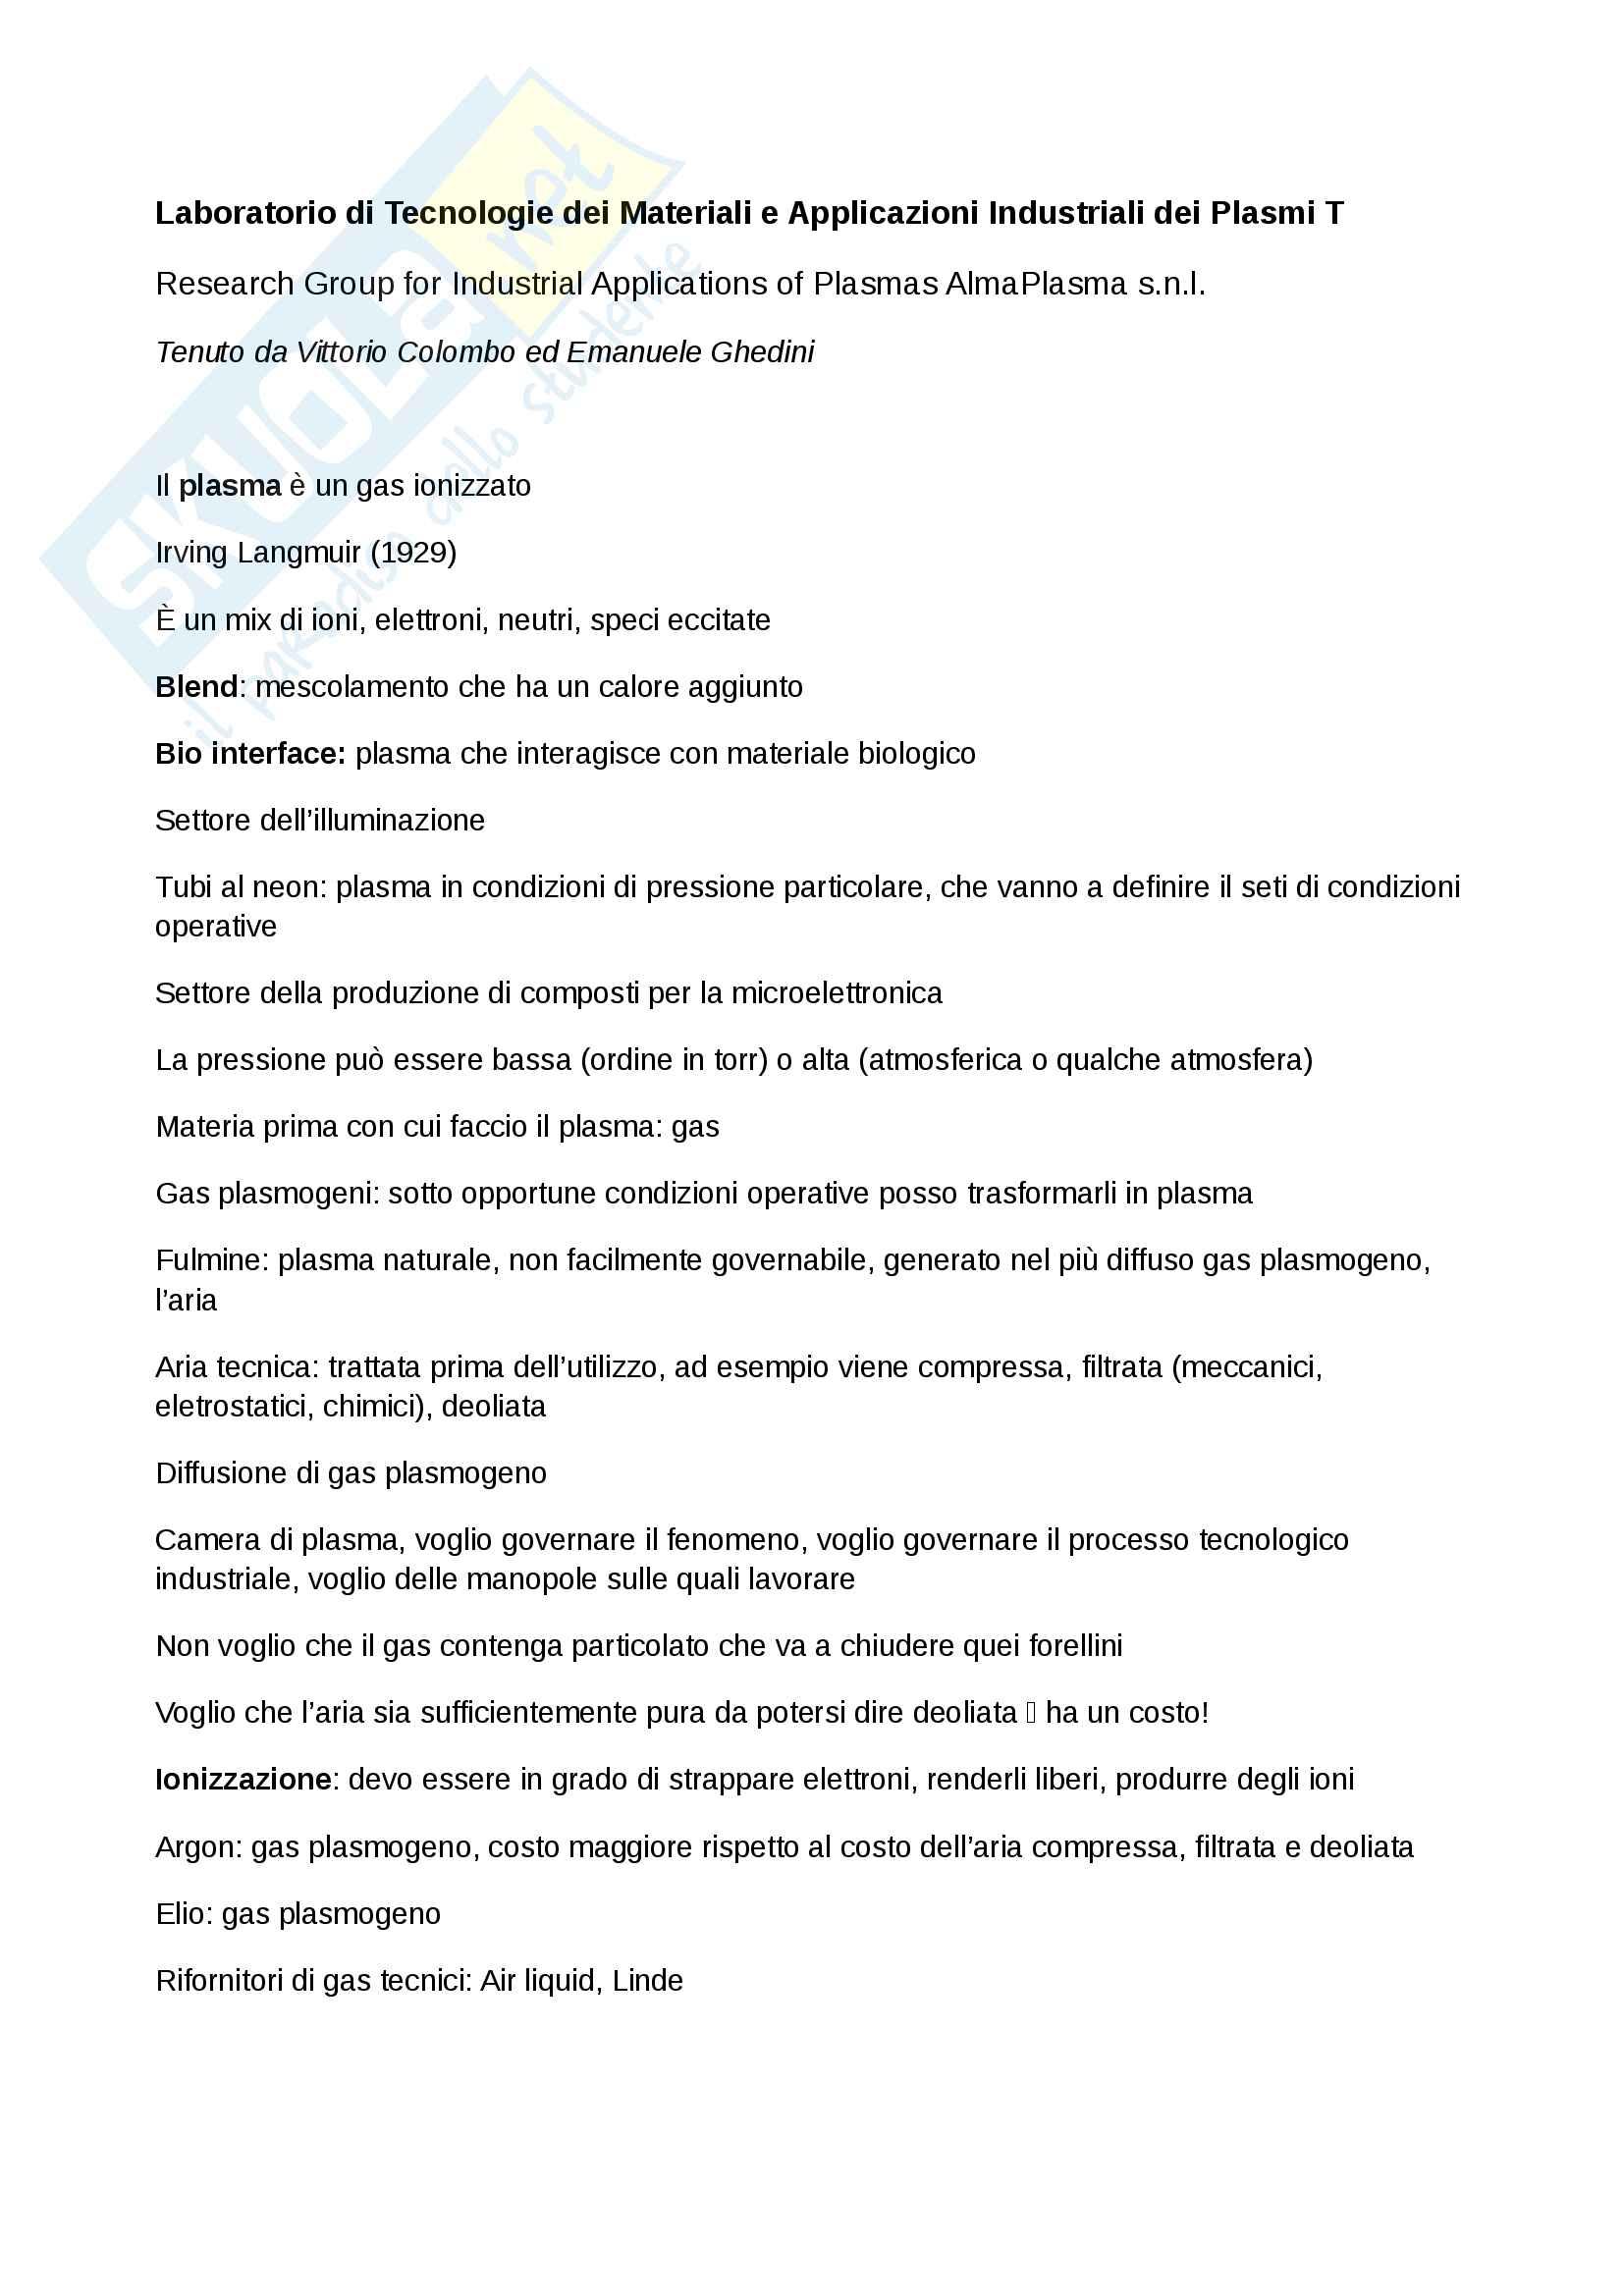 Appunti di Laboratorio di tecnologie dei materiali e applicazioni industriali dei plasmi T